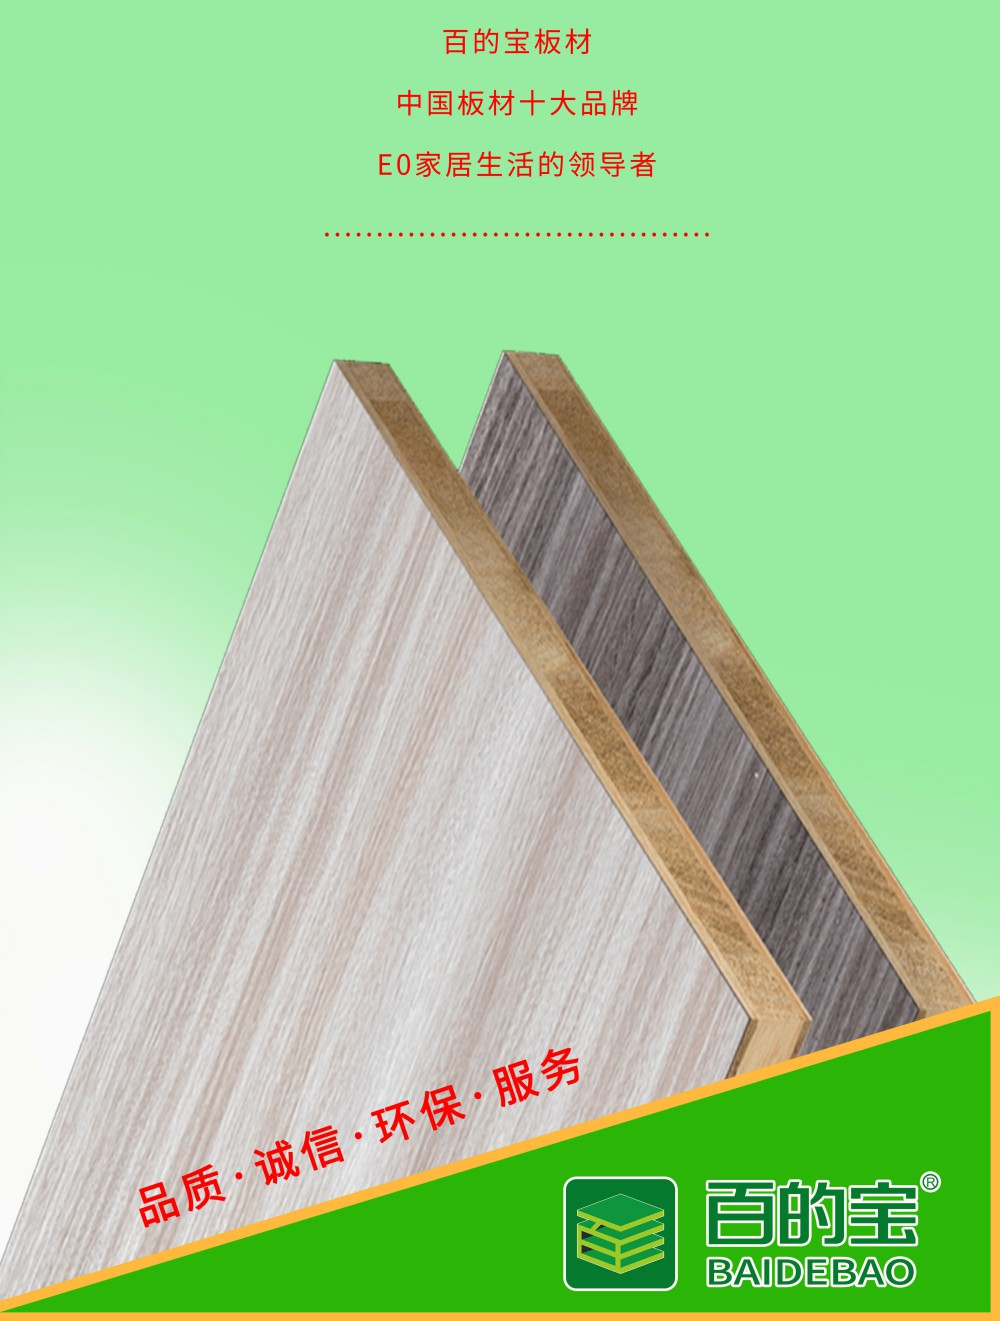 中国十大板材品牌百的宝:晋升品牌代价捉住产物品质是关头